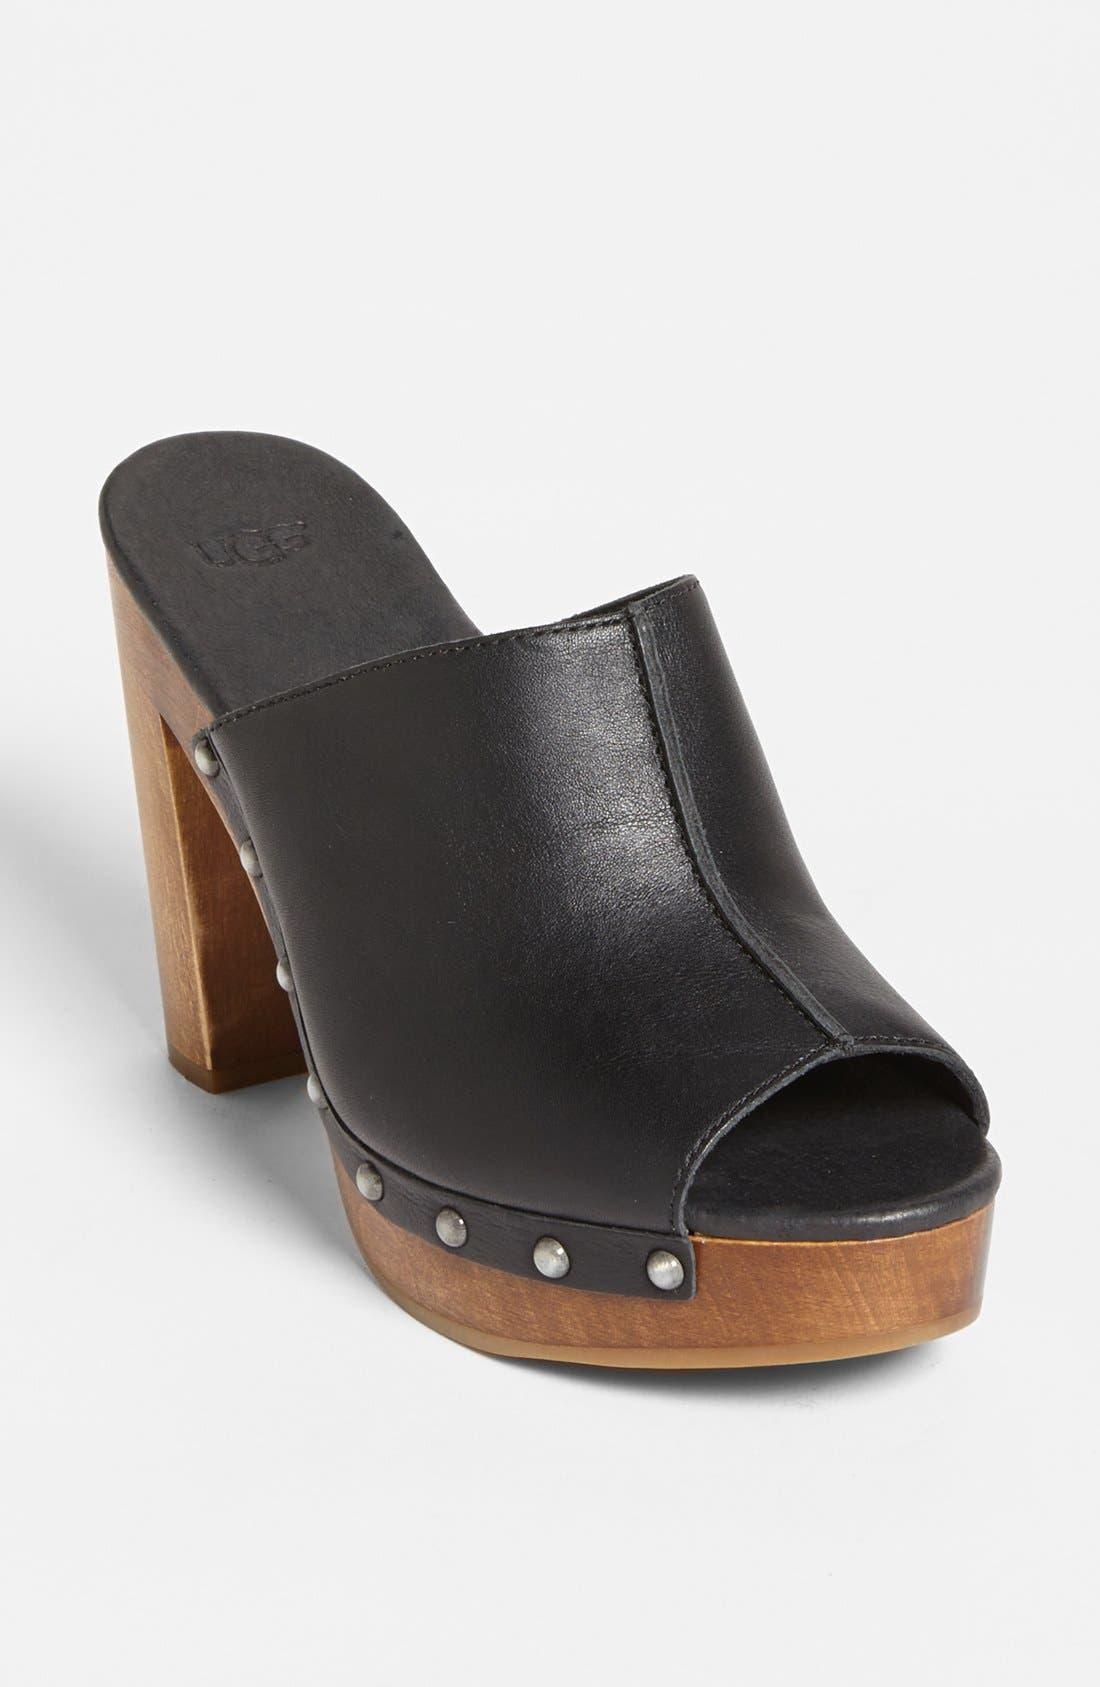 Alternate Image 1 Selected - UGG® Australia 'Skyler' Sandal (Women)